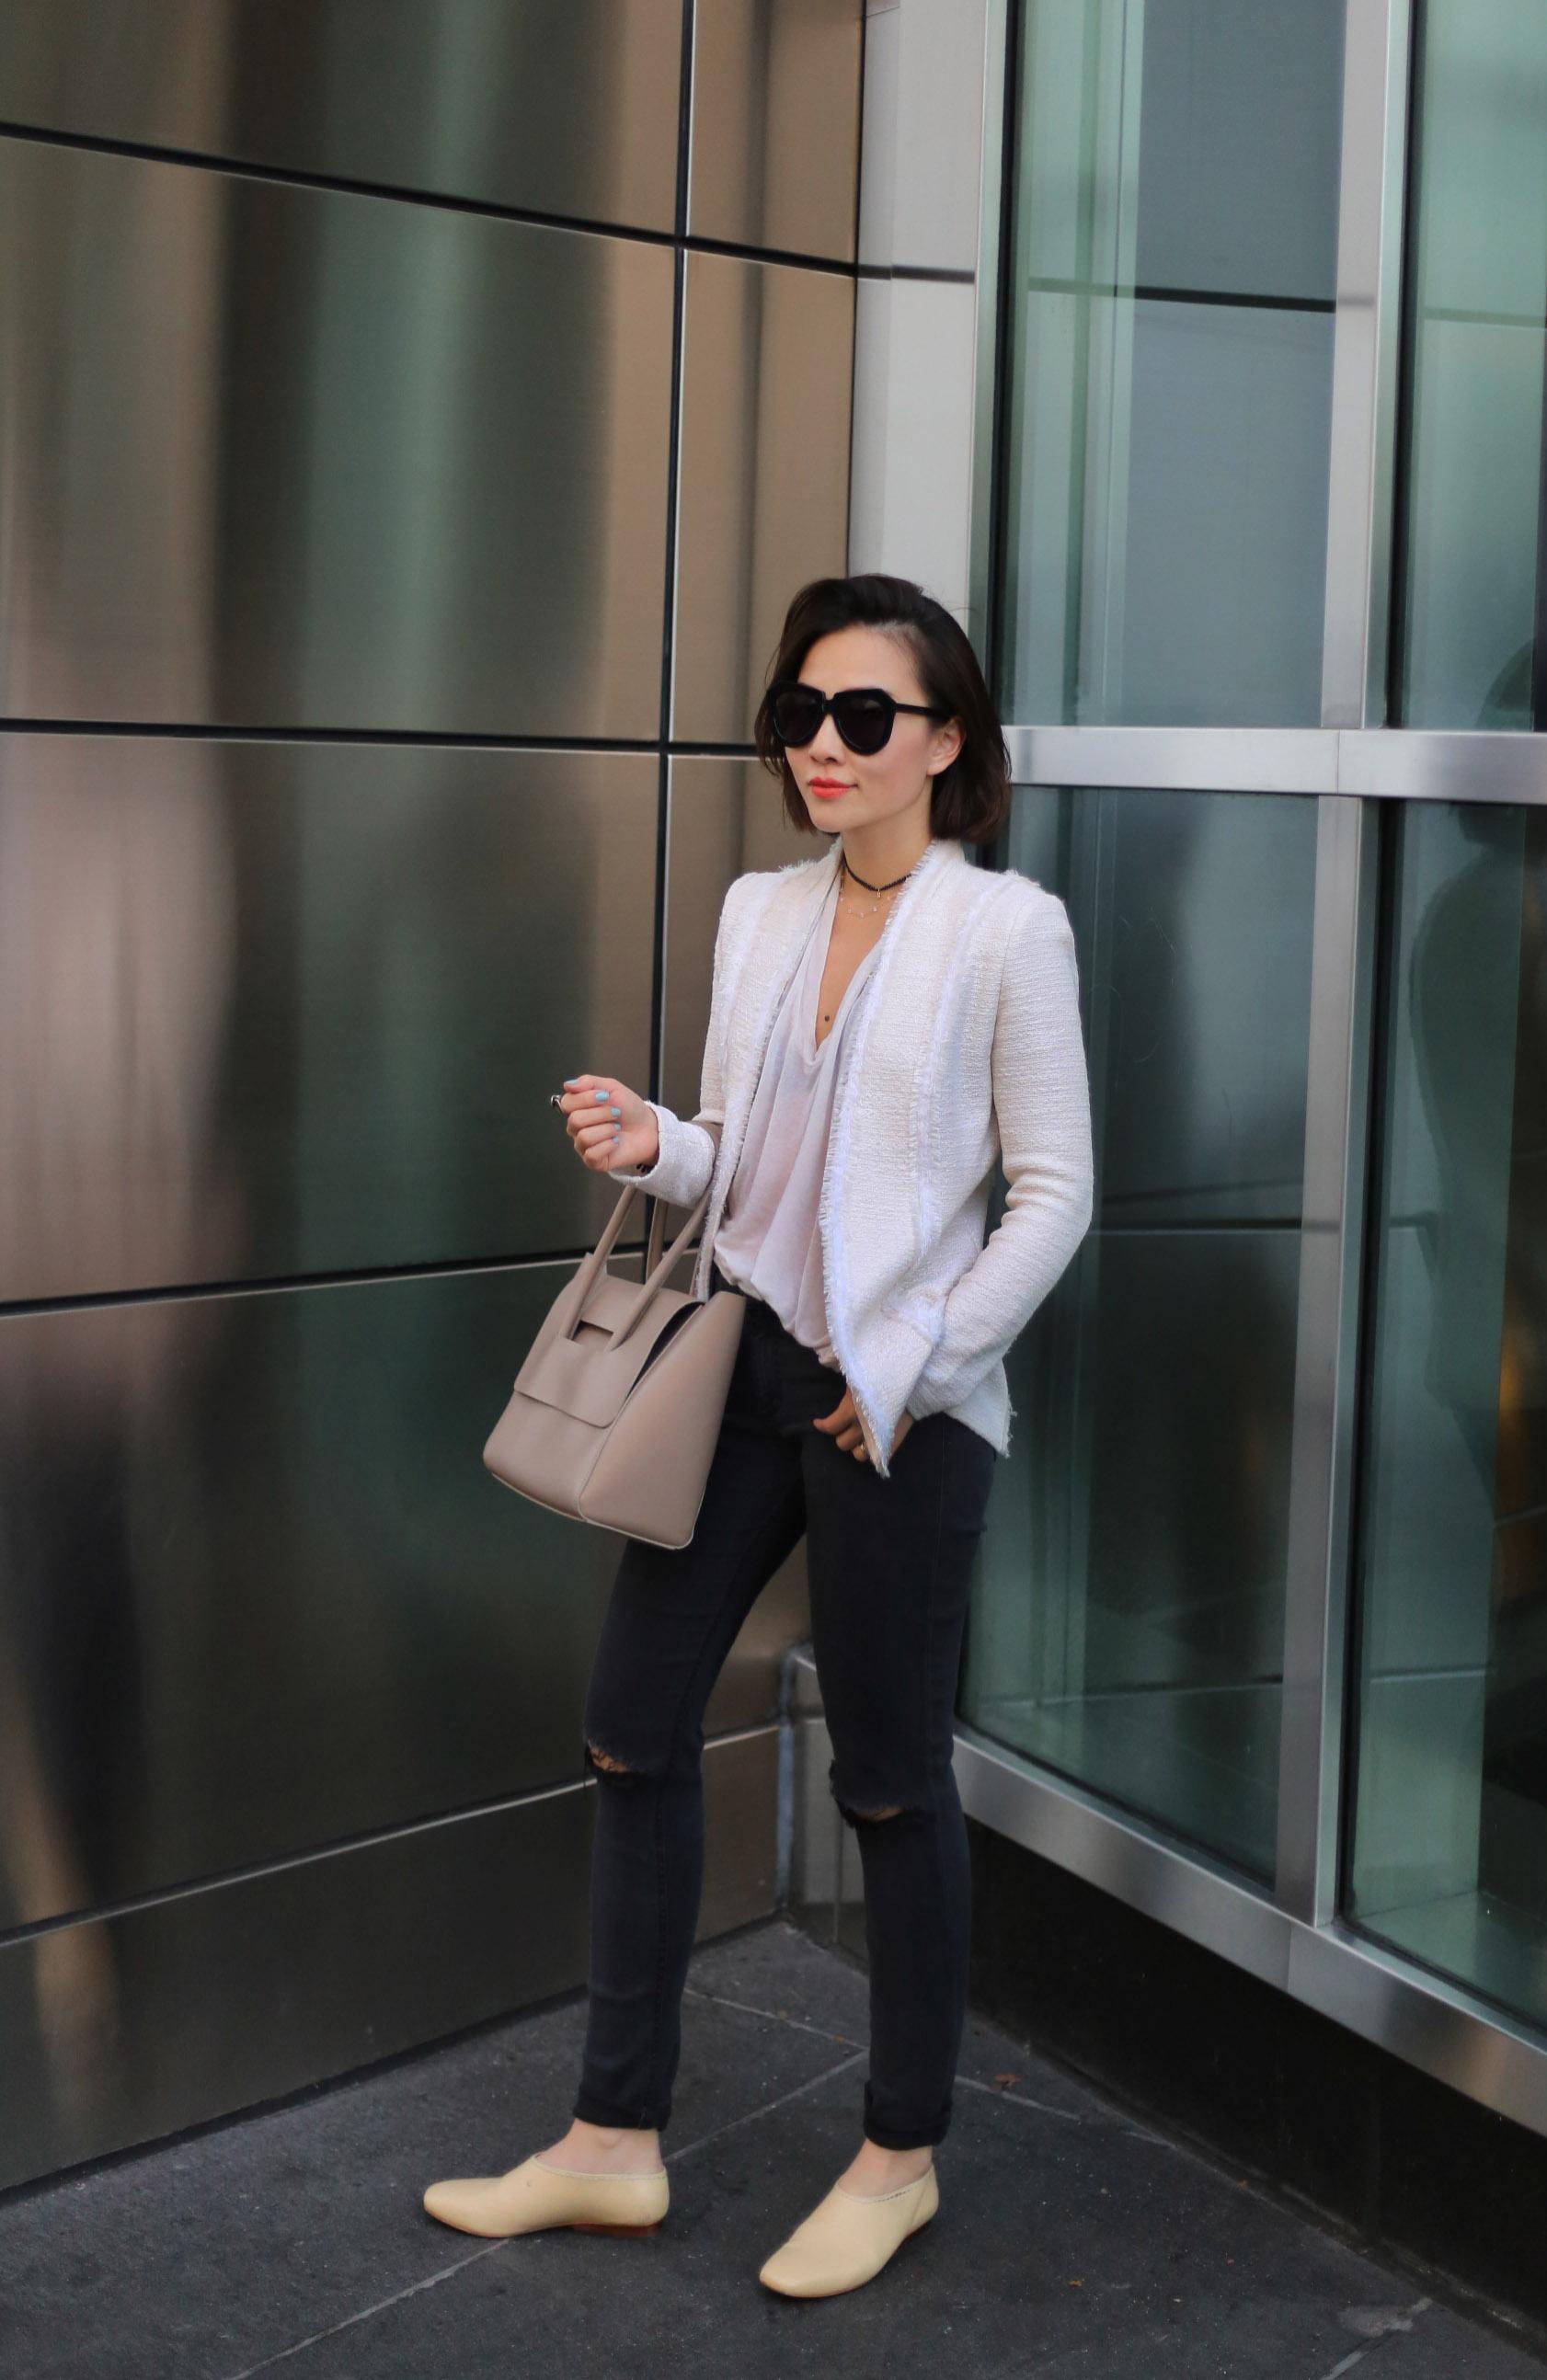 new york lifestyle blogger.JPG